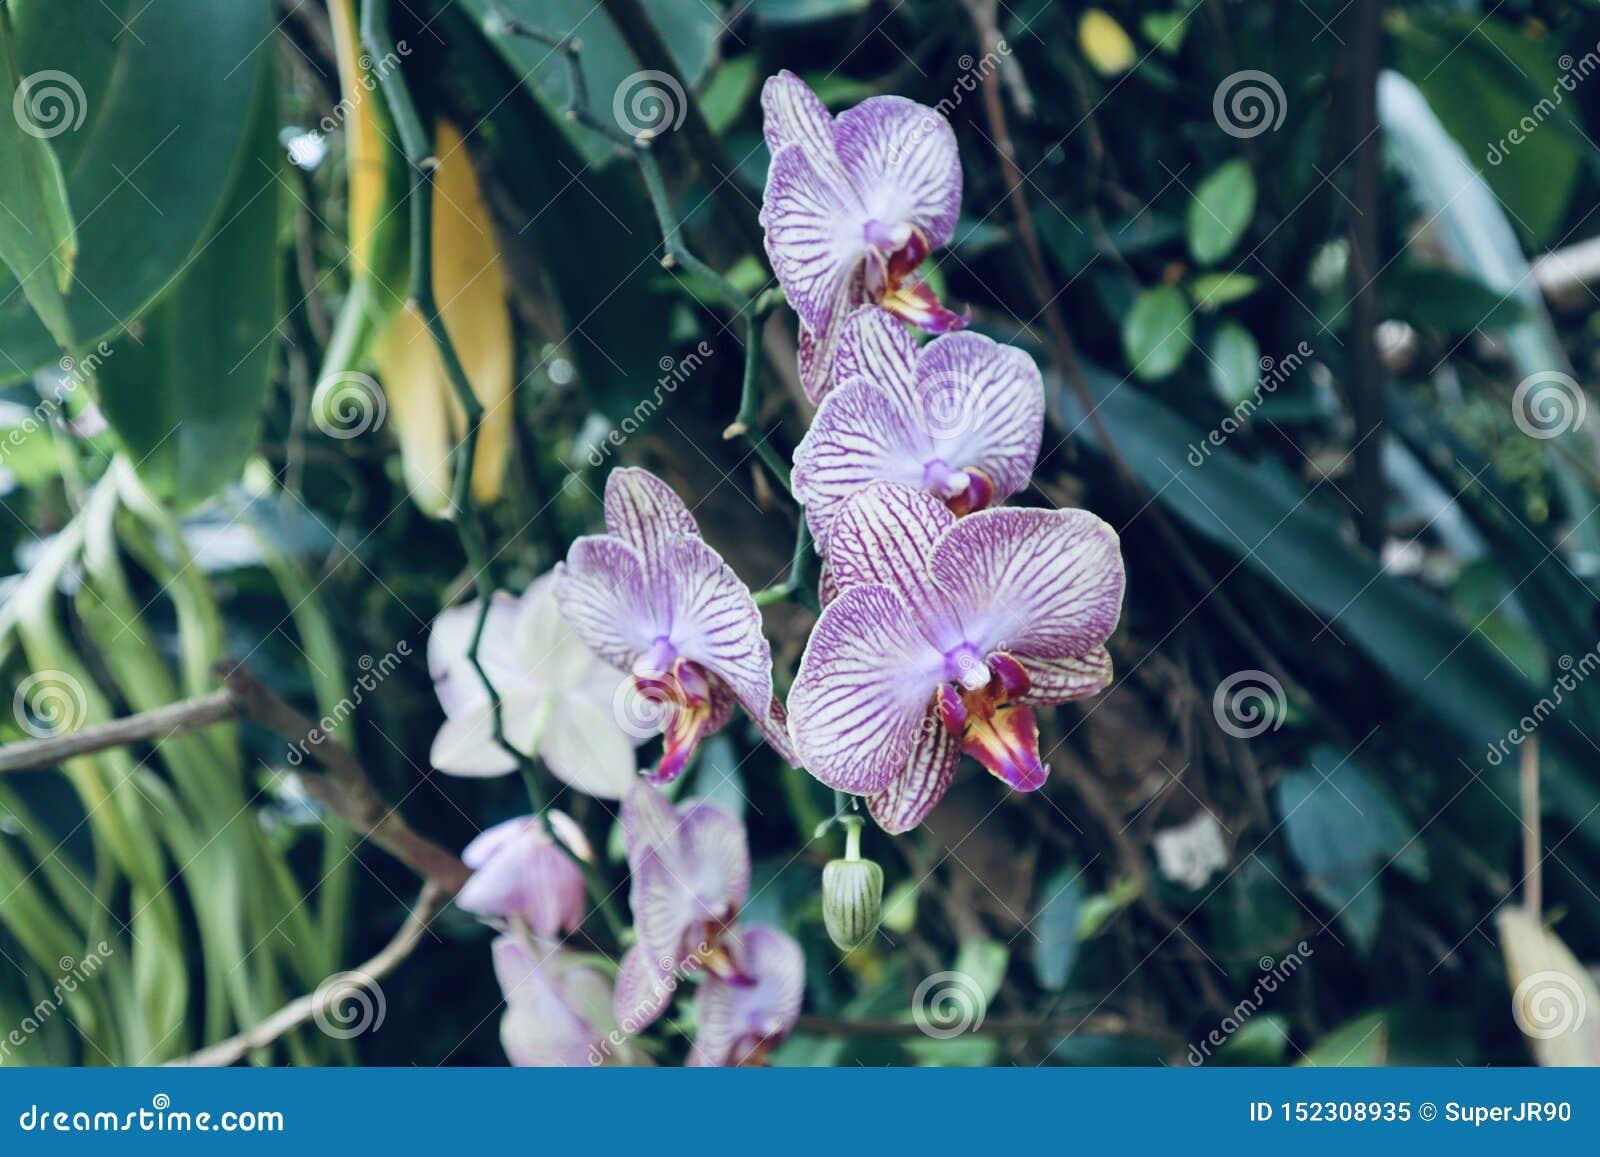 生长在一个植物园里的野生兰花